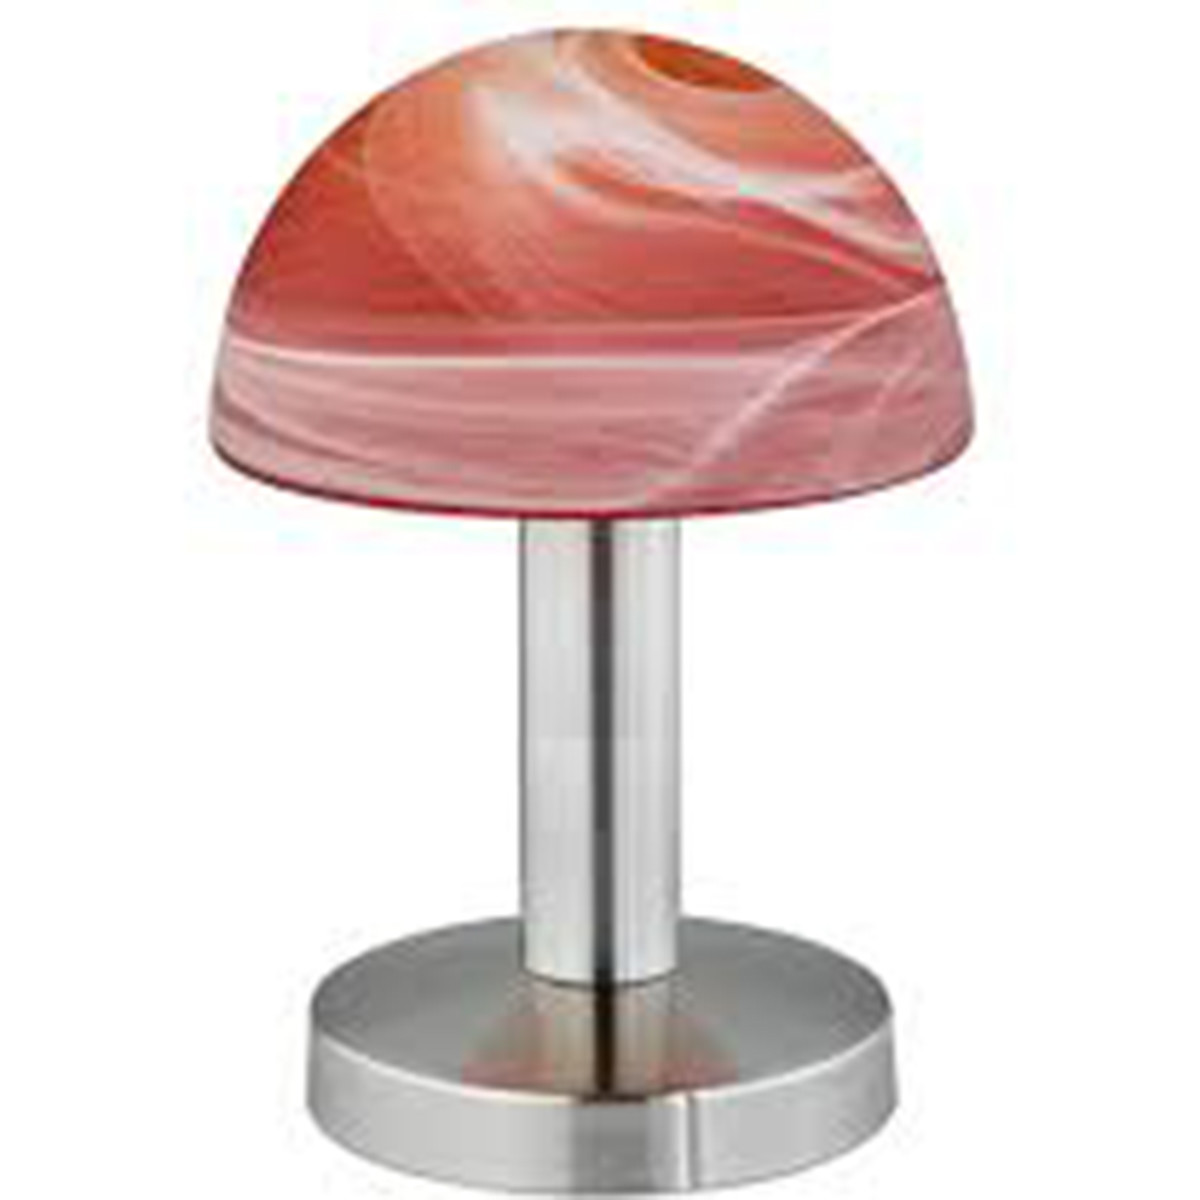 LED Tafellamp - Tafelverlichting - Trion Funki - E14 Fitting - Rond - Mat Oranje - Aluminium